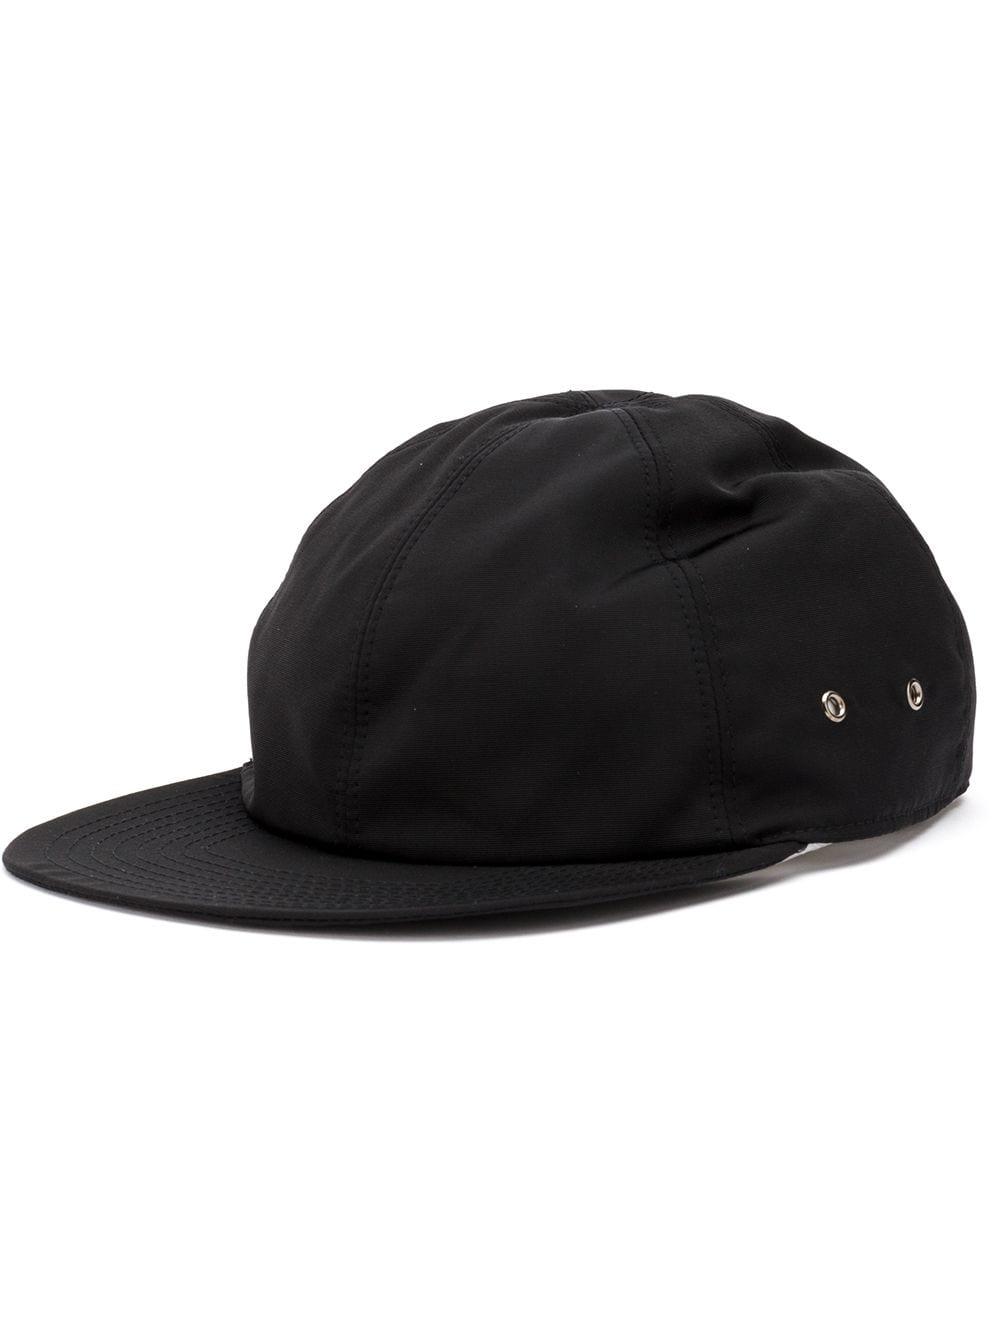 a110ff0877698 Alyx 1017 9Sm Rear-Clasp Baseball Cap - Black